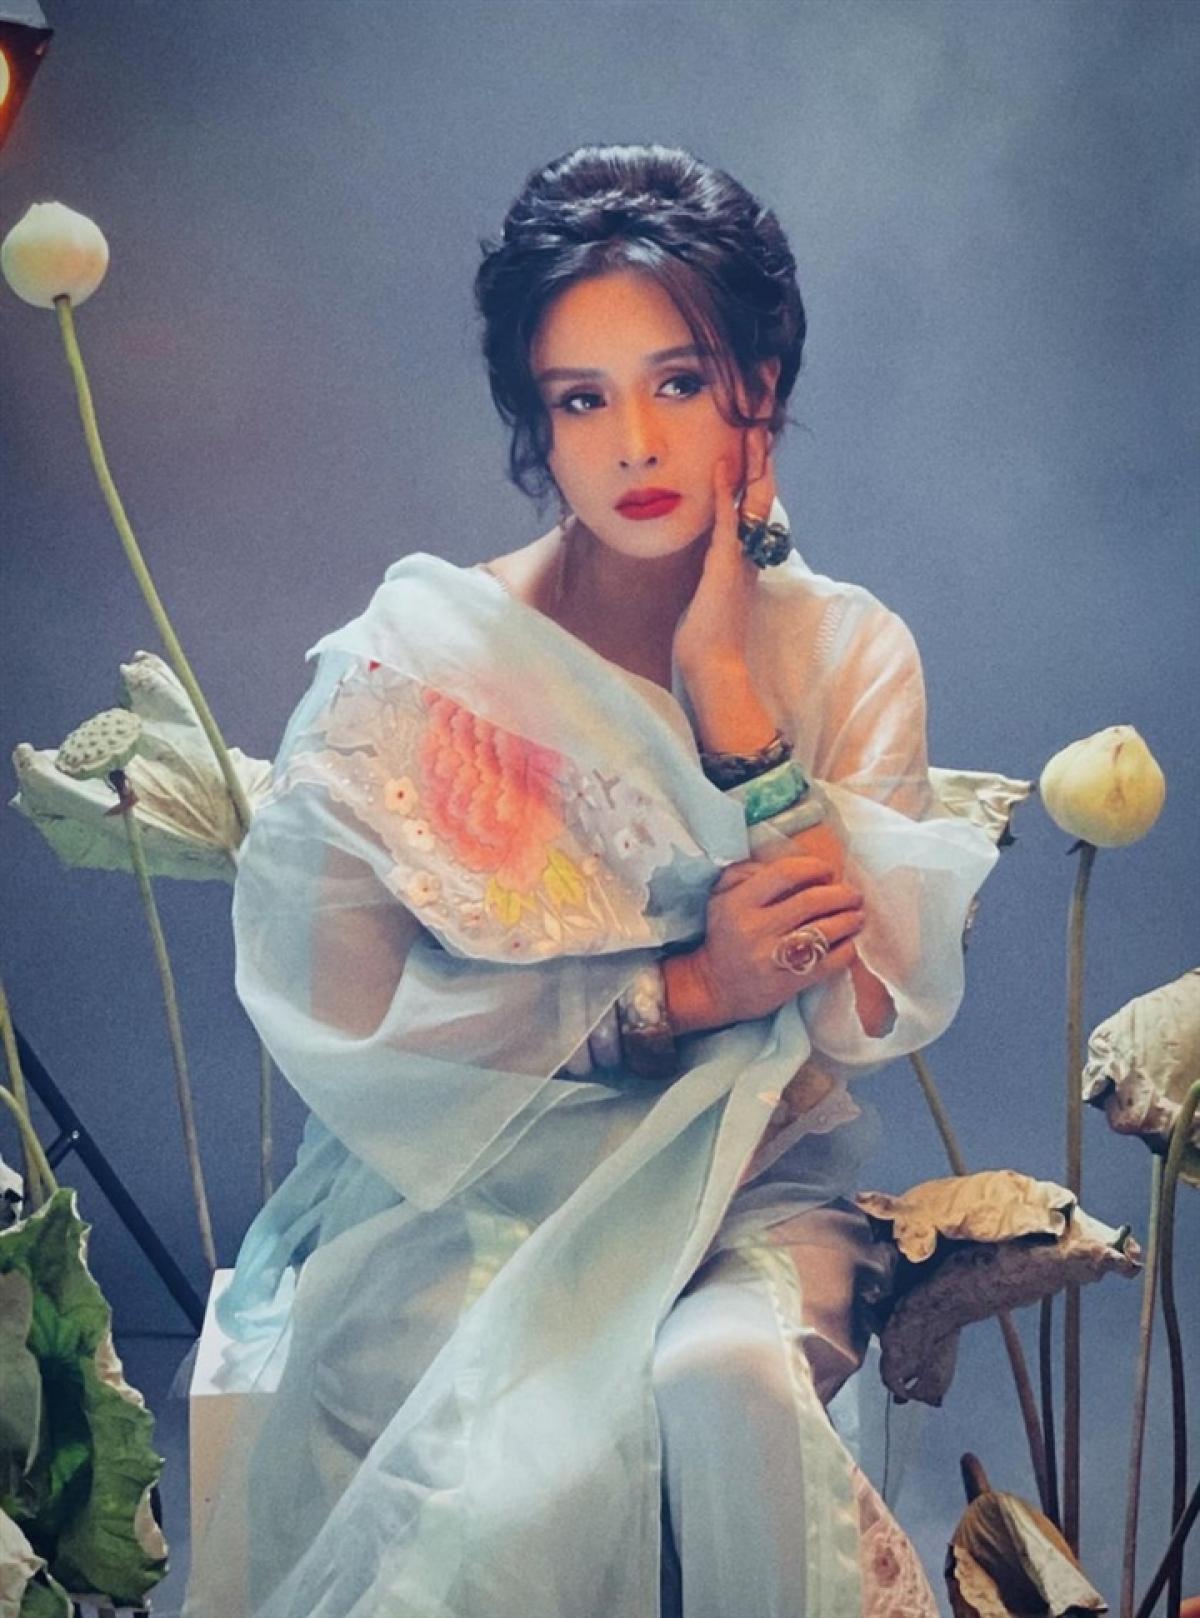 Thanh Lam thành bà ngoại từ năm 45 tuổi khi con gái đầu lòng - Hồng Vân, cô con gái mà chị sinh ở tuổi 18 - làm mẹ.